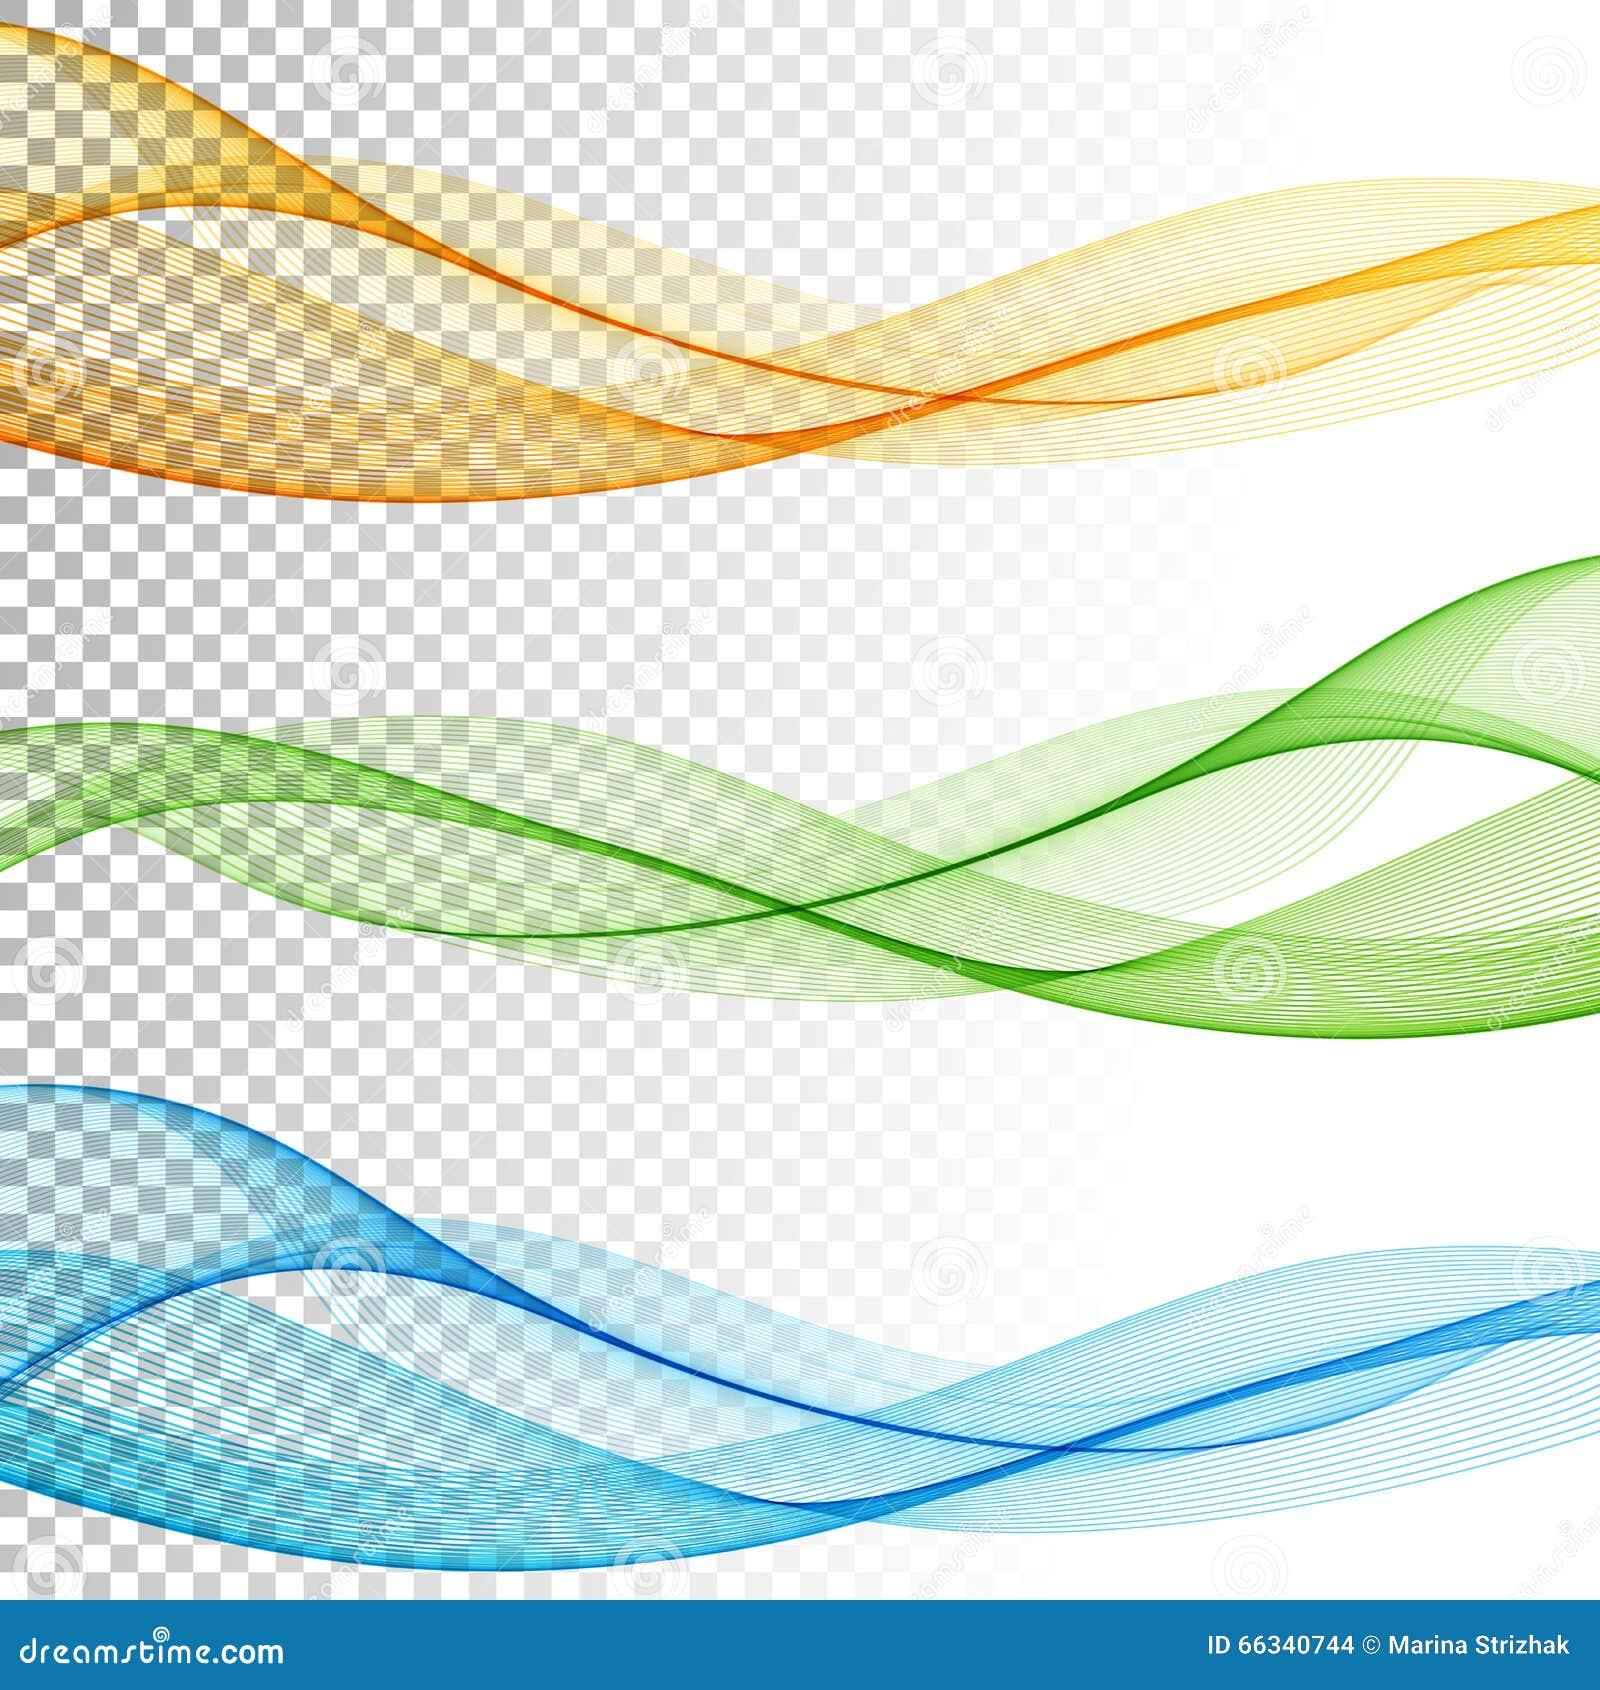 Time Passing Logo Designs